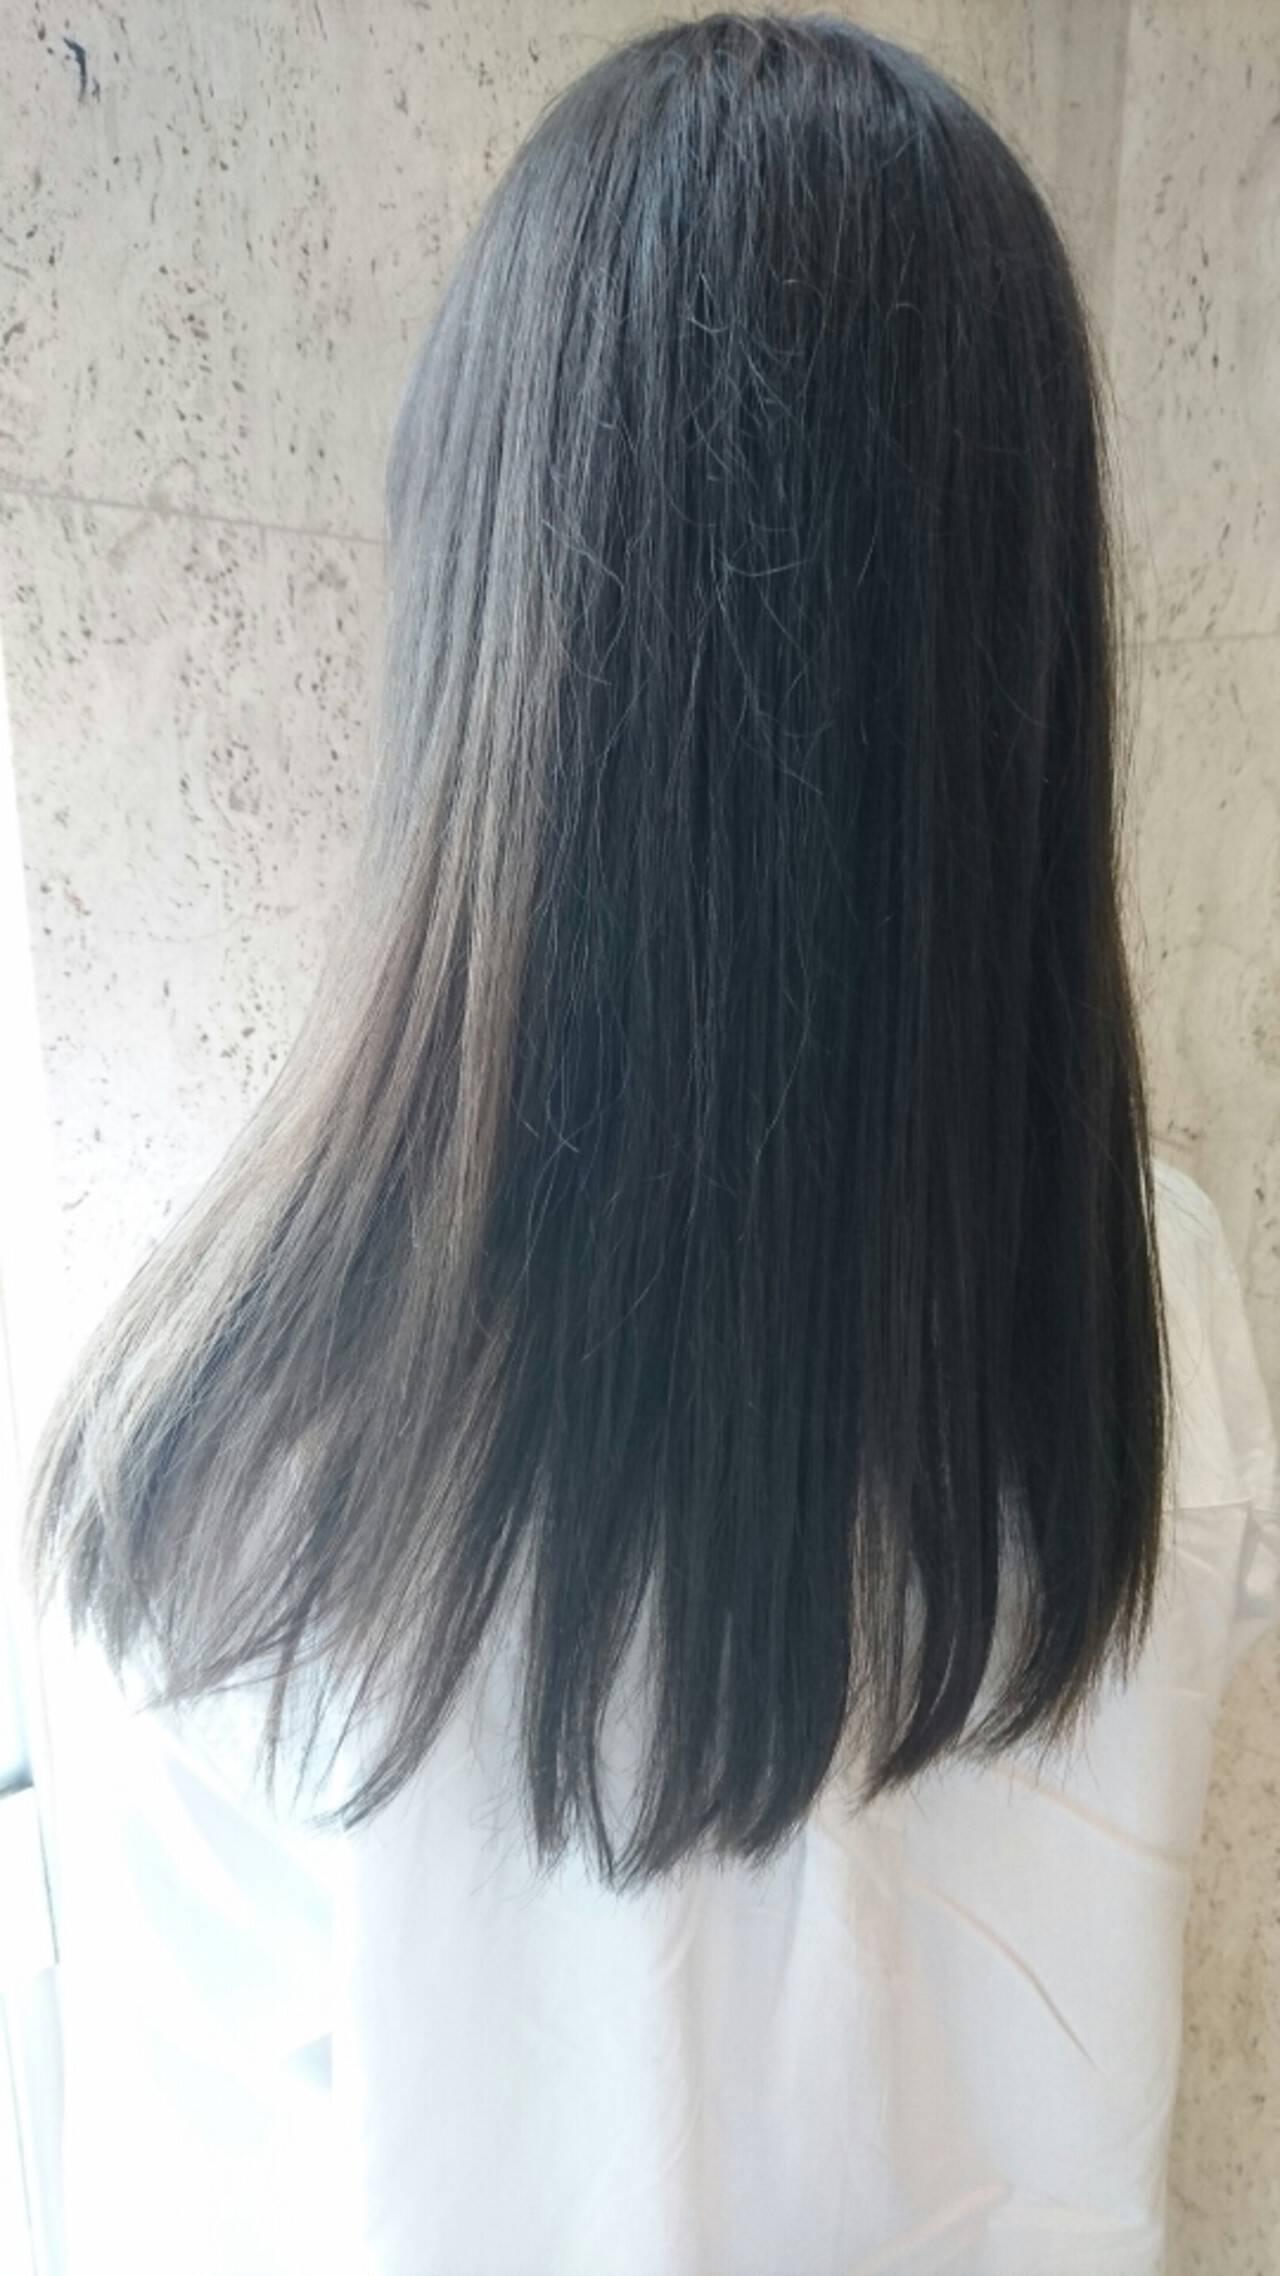 大人かわいい アッシュ ロング パーマヘアスタイルや髪型の写真・画像